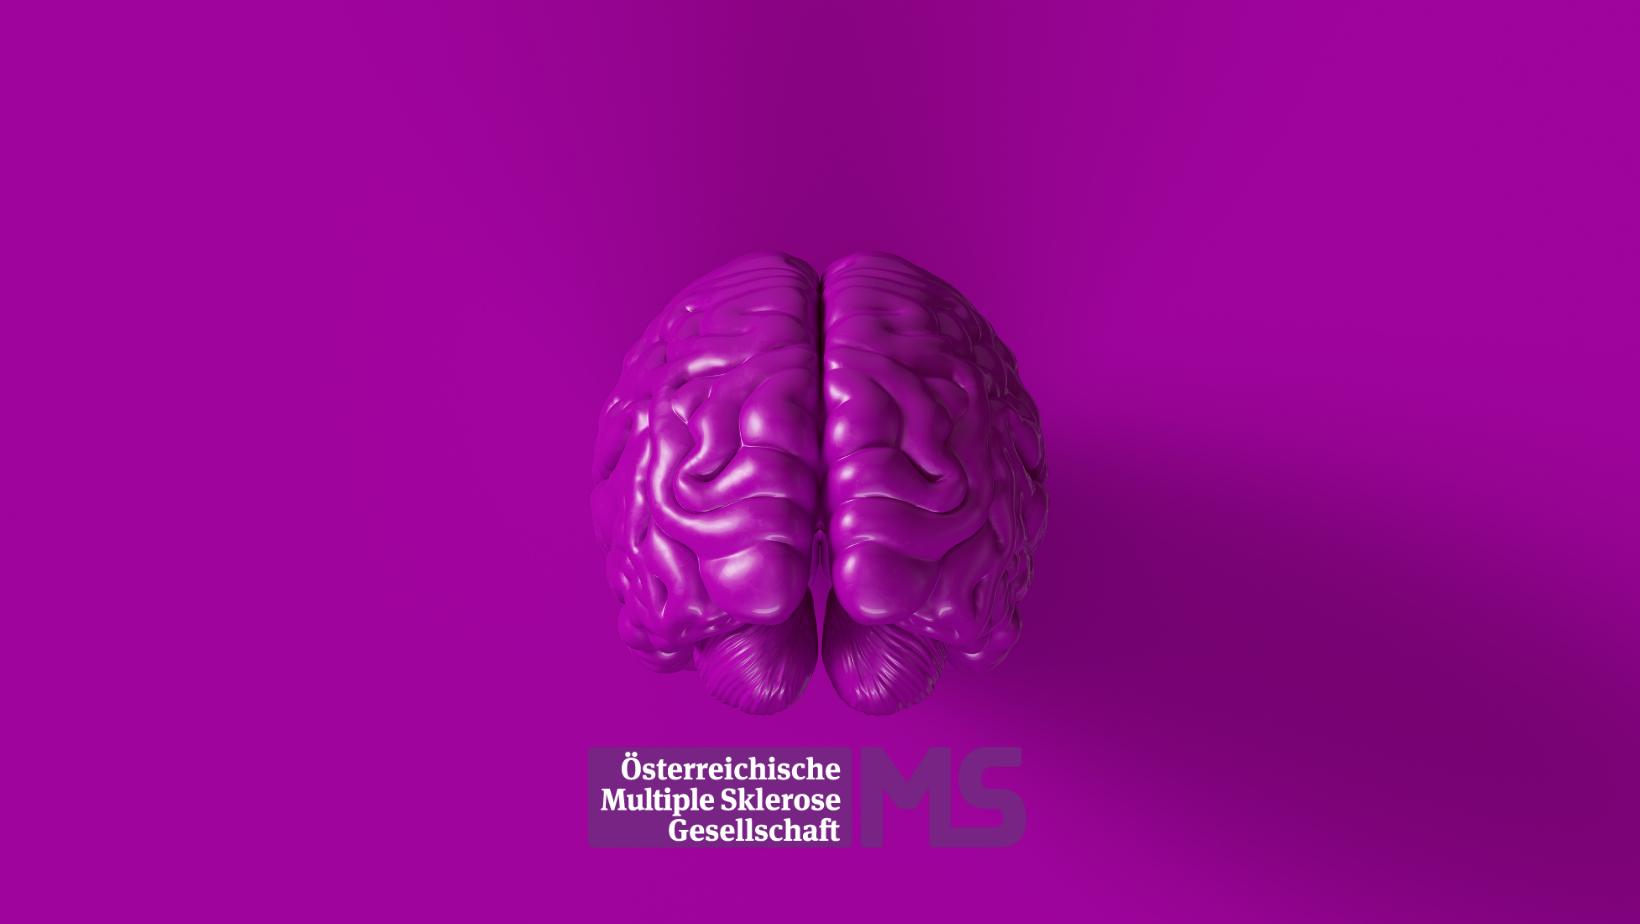 lila Hintergrund mit Gehirn und Logo ÖMSG, Credit: Canva